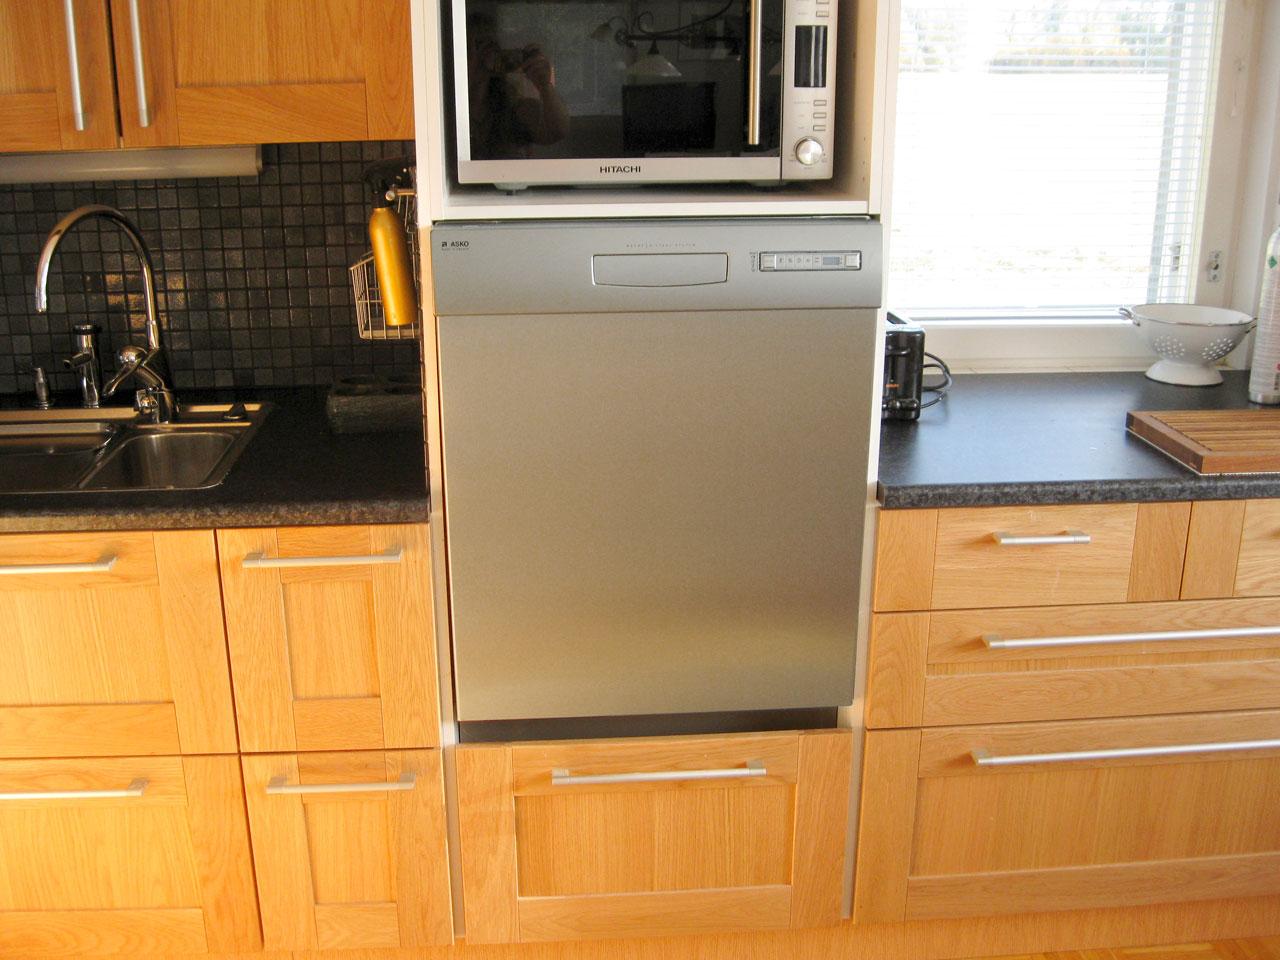 Tiskikone jakaa keittiön ruoanvalmistuksen ja kattamisen kesken. Aterimet, lautaset ja lasit säilytetään laatikoissa tiskikoneen oikealla puolella ja ruoanvalmistusvälineet vasemmalla. Kauhat ja muut välineet sijaitsevat aivan lieden vieressä. Näin ristikkäisliikennettä on mahdollisimman vähän ja esimerkiksi pöydän kattaja ei häiritse ruoan laittajaa.